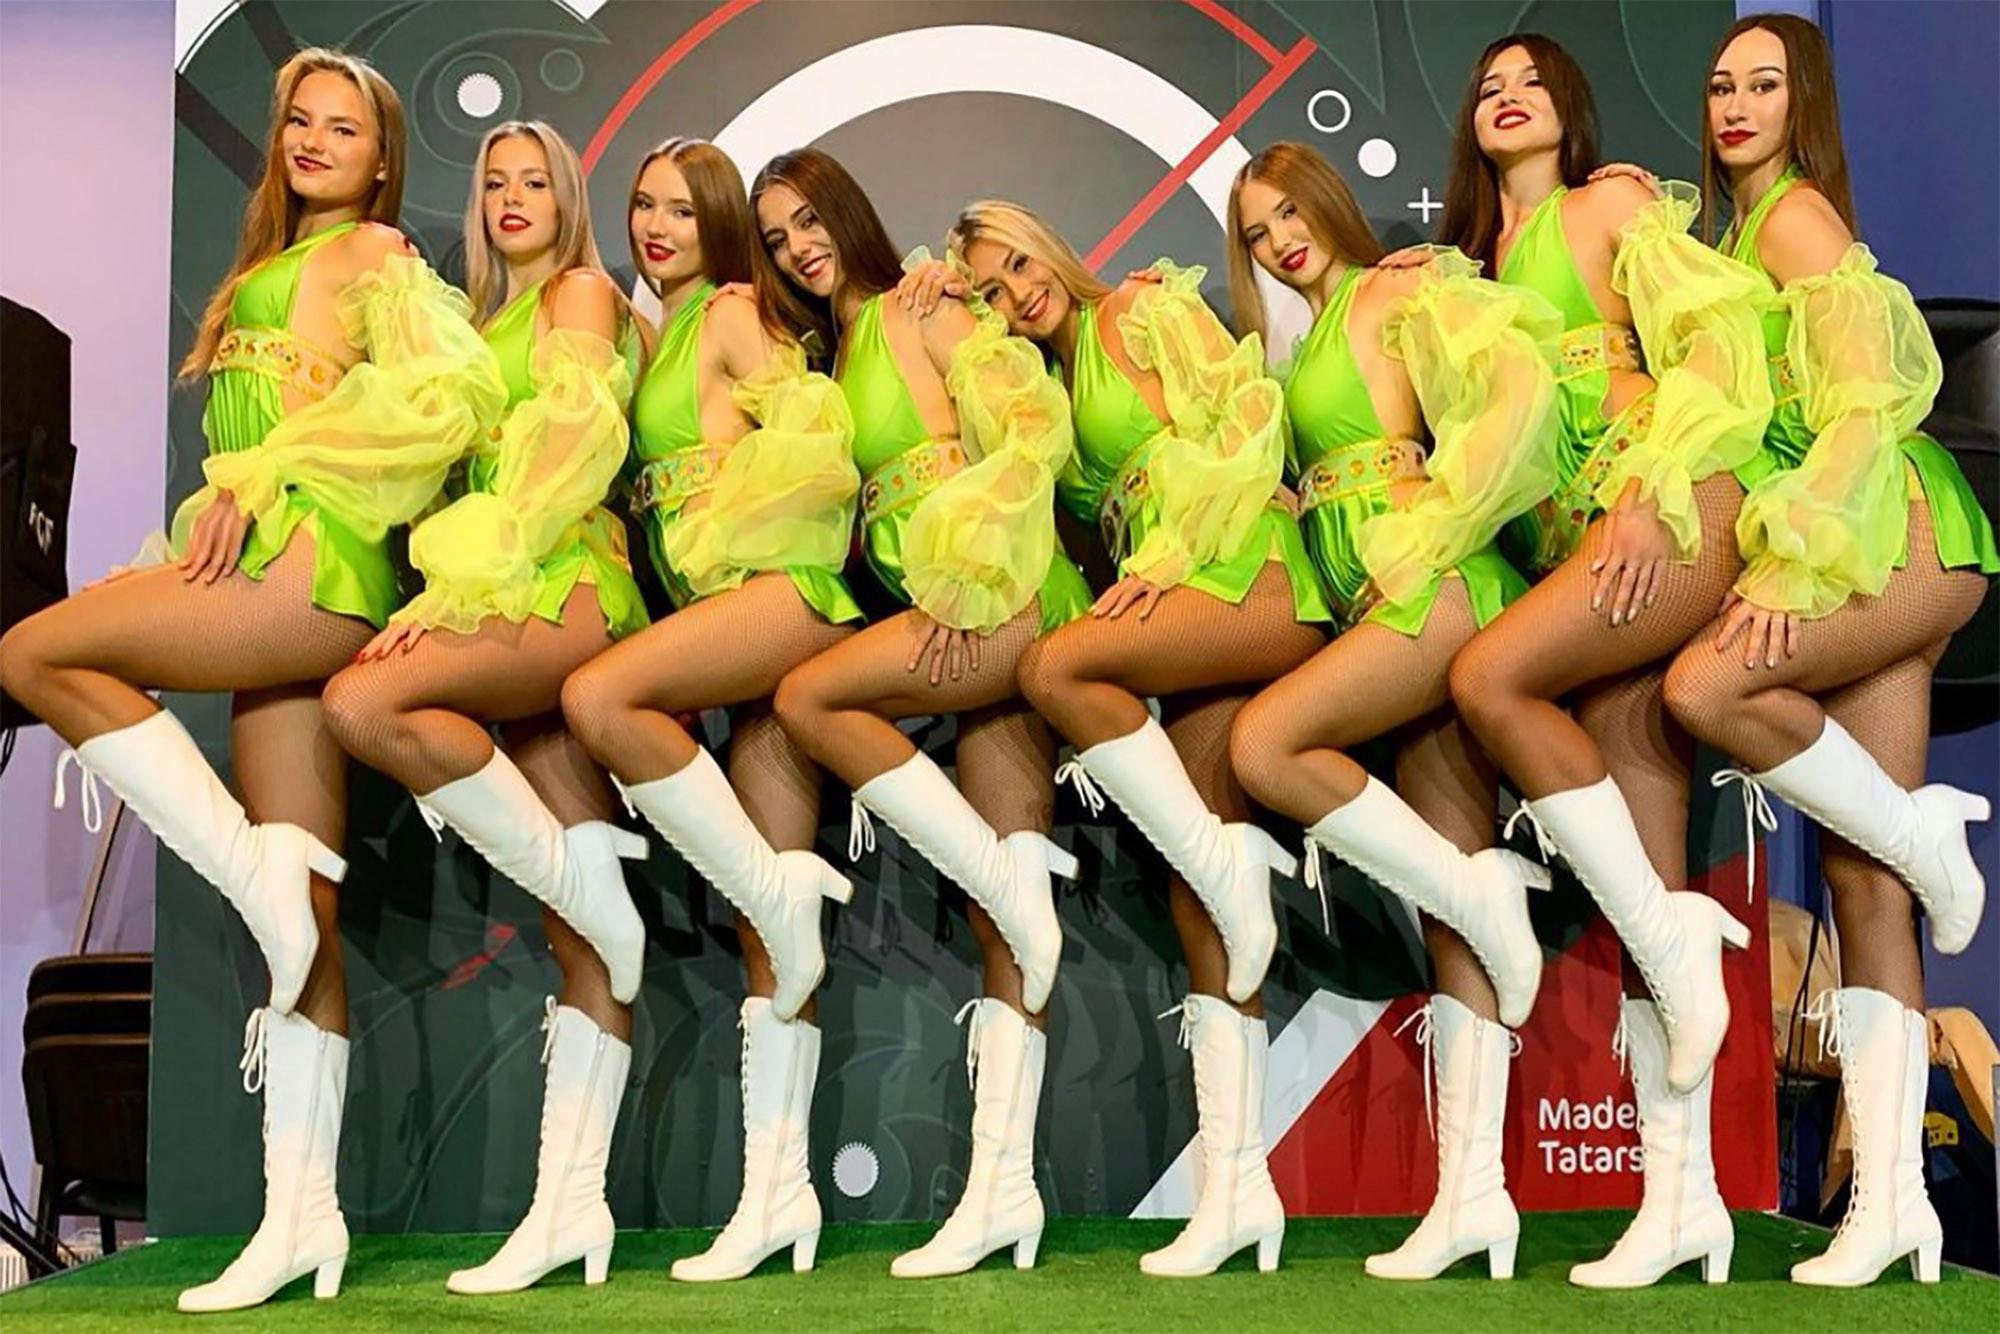 Сборная России по КХЛ бросает болельщиков из-за ревности жен